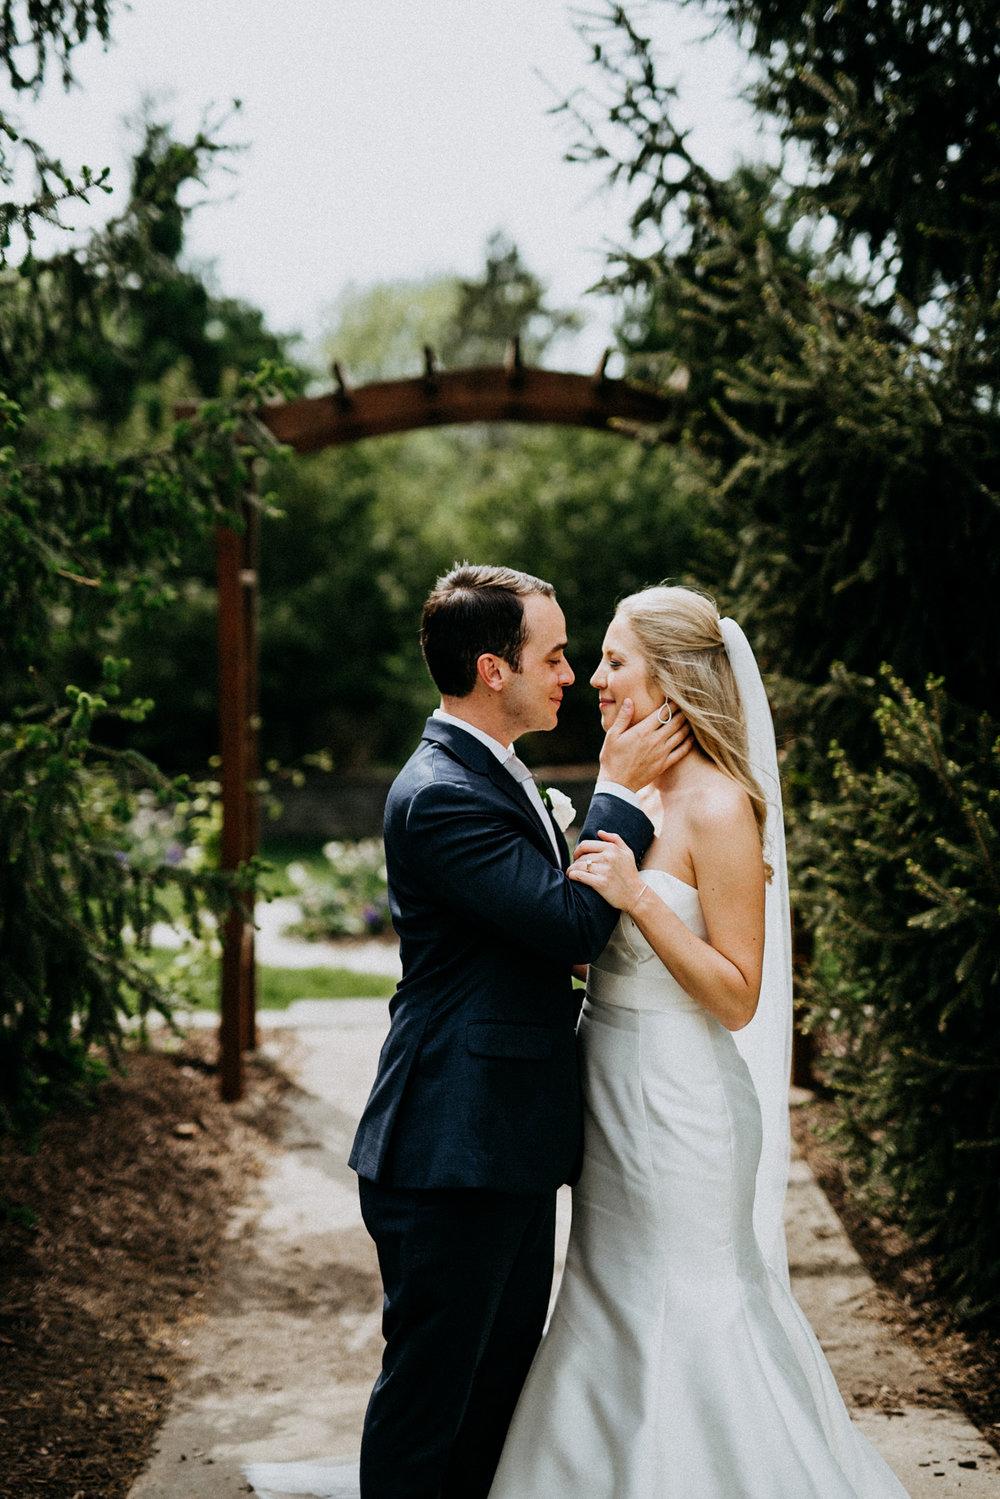 Taylor + Ryan  stl spring wedding